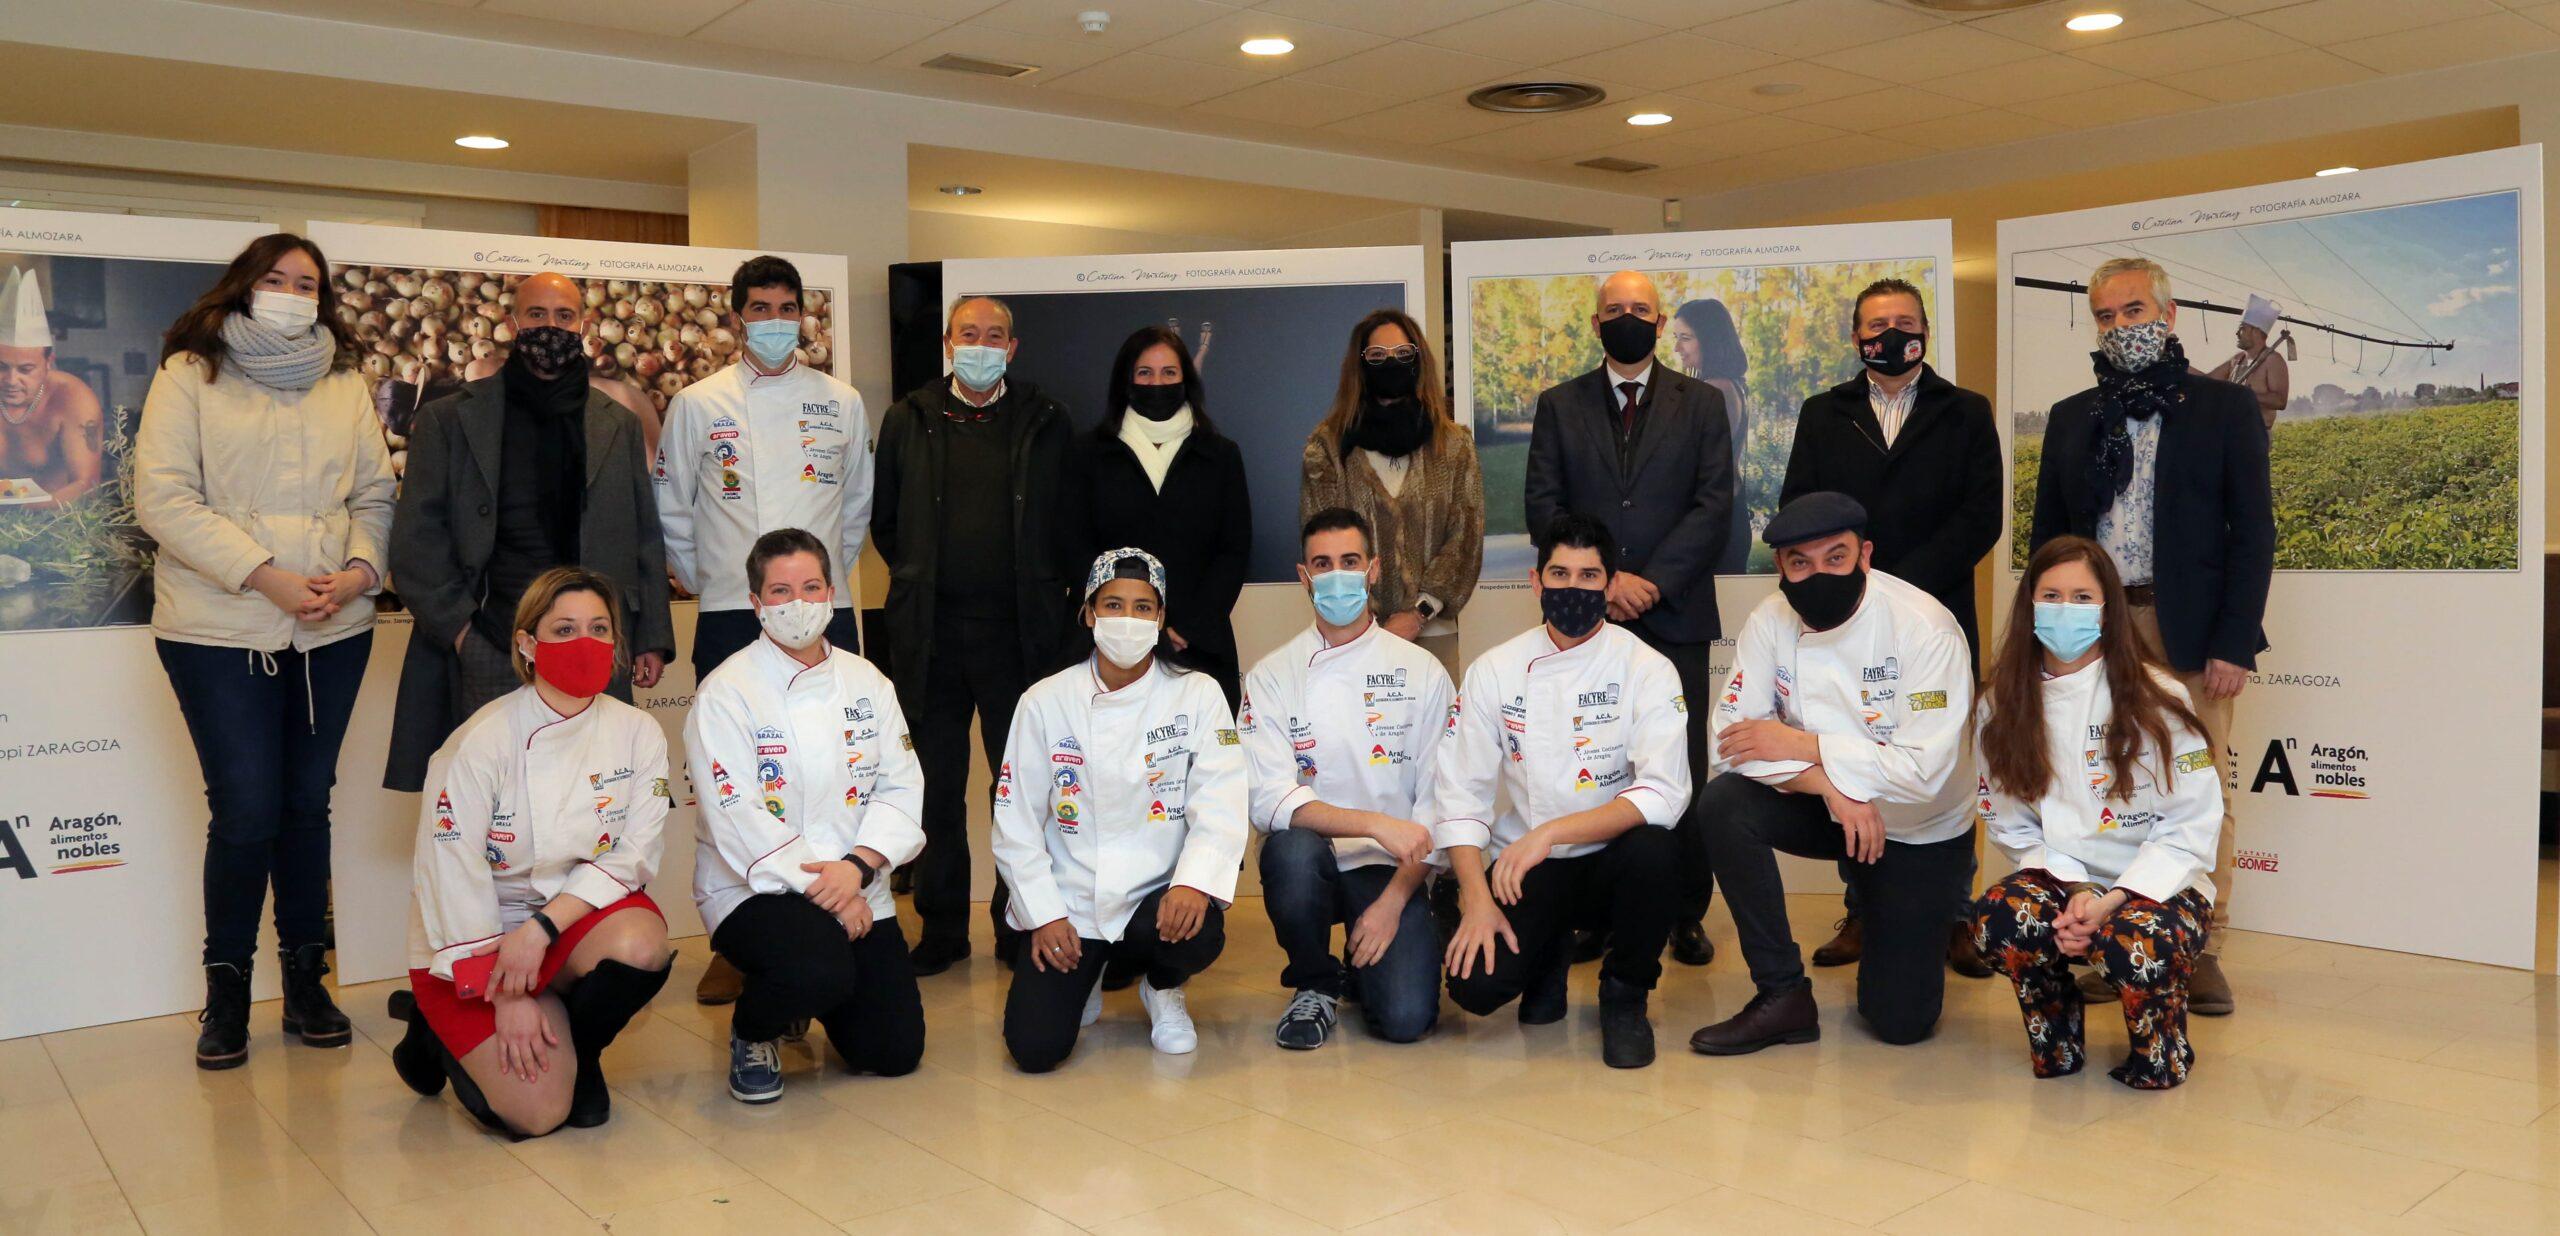 Calendario solidario cocineros de Aragón